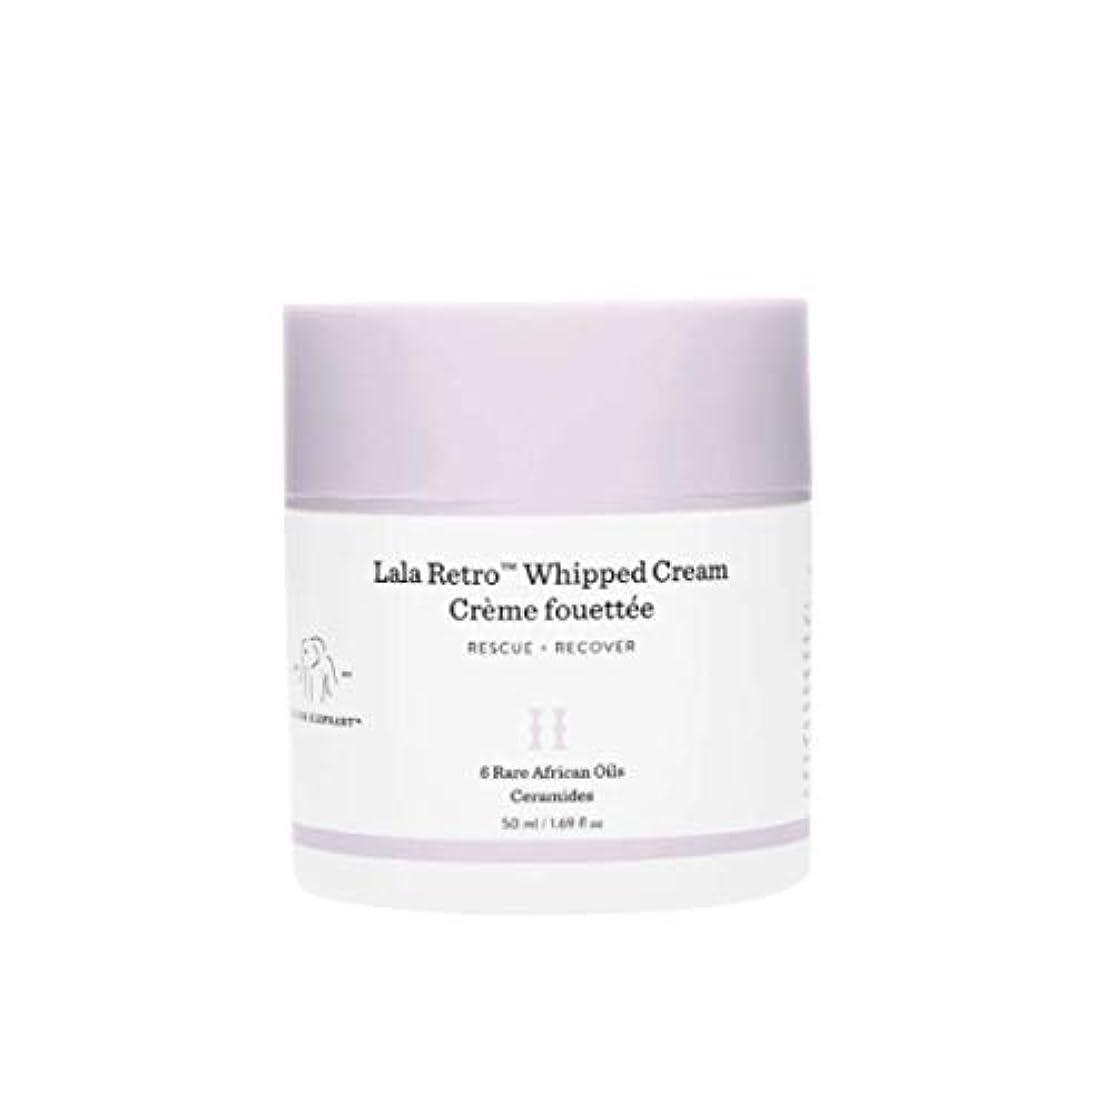 歪める地上でメタルラインDRUNK ELEPHANT Lala Retro Whipped Cream 1.69 oz/ 50 ml ドランクエレファント ララレトロ ホイップドクリーム 1.69 oz/ 50 ml